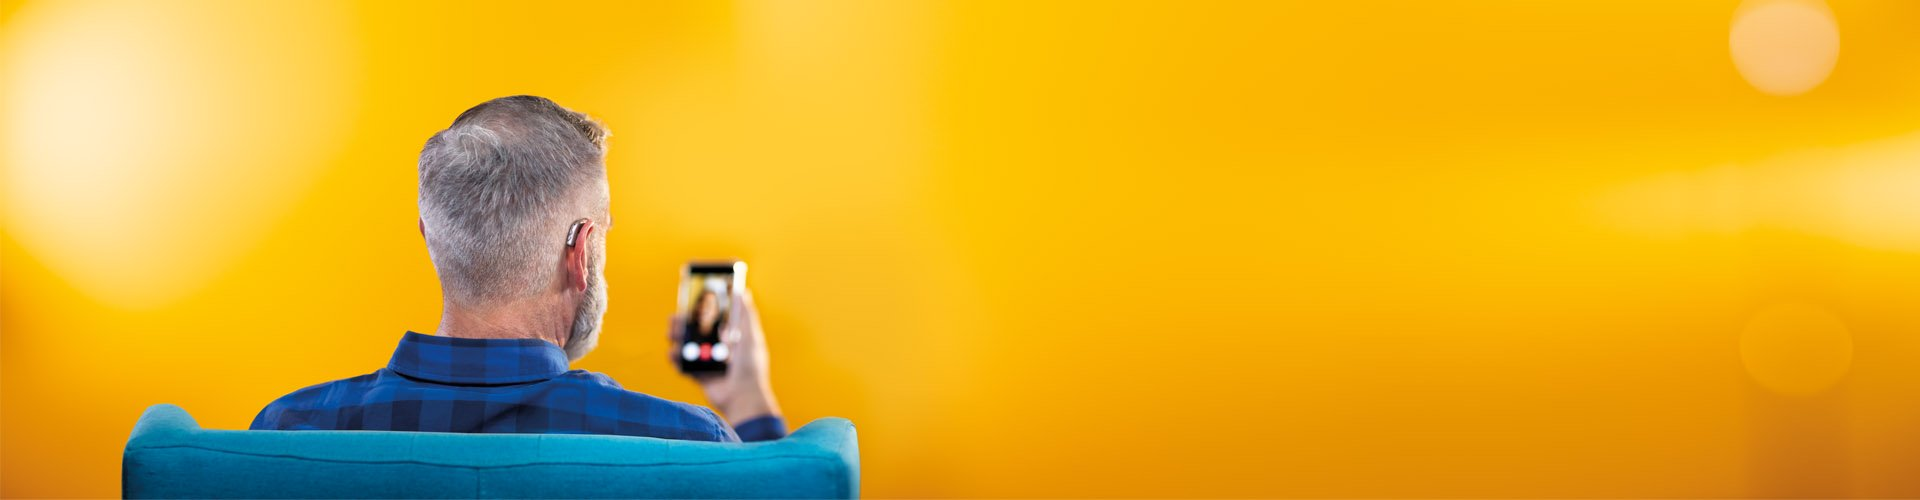 Man van middelbare leeftijd gebruikt zijn smartphone en zijn Philips HearLink hoortoestellen om te verbinden met vrienden door het houden van een videogesprek.